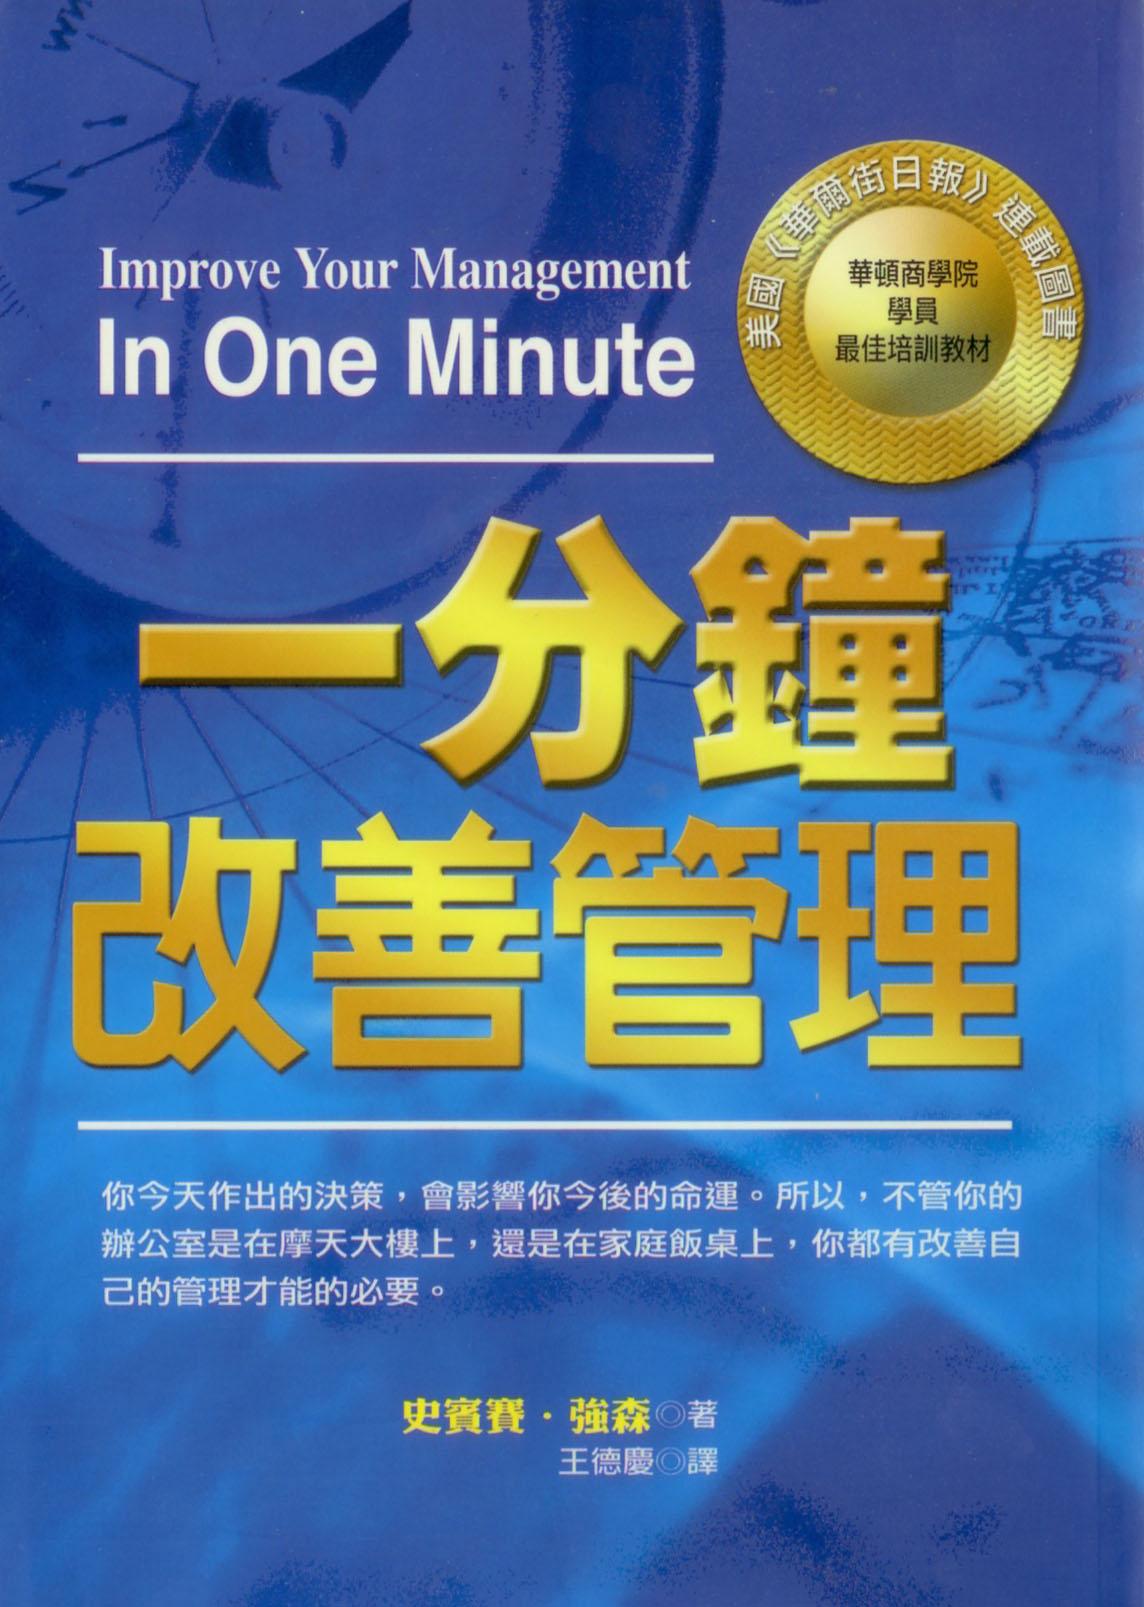 一分鐘改善管理 Improve Your Management In One Minute